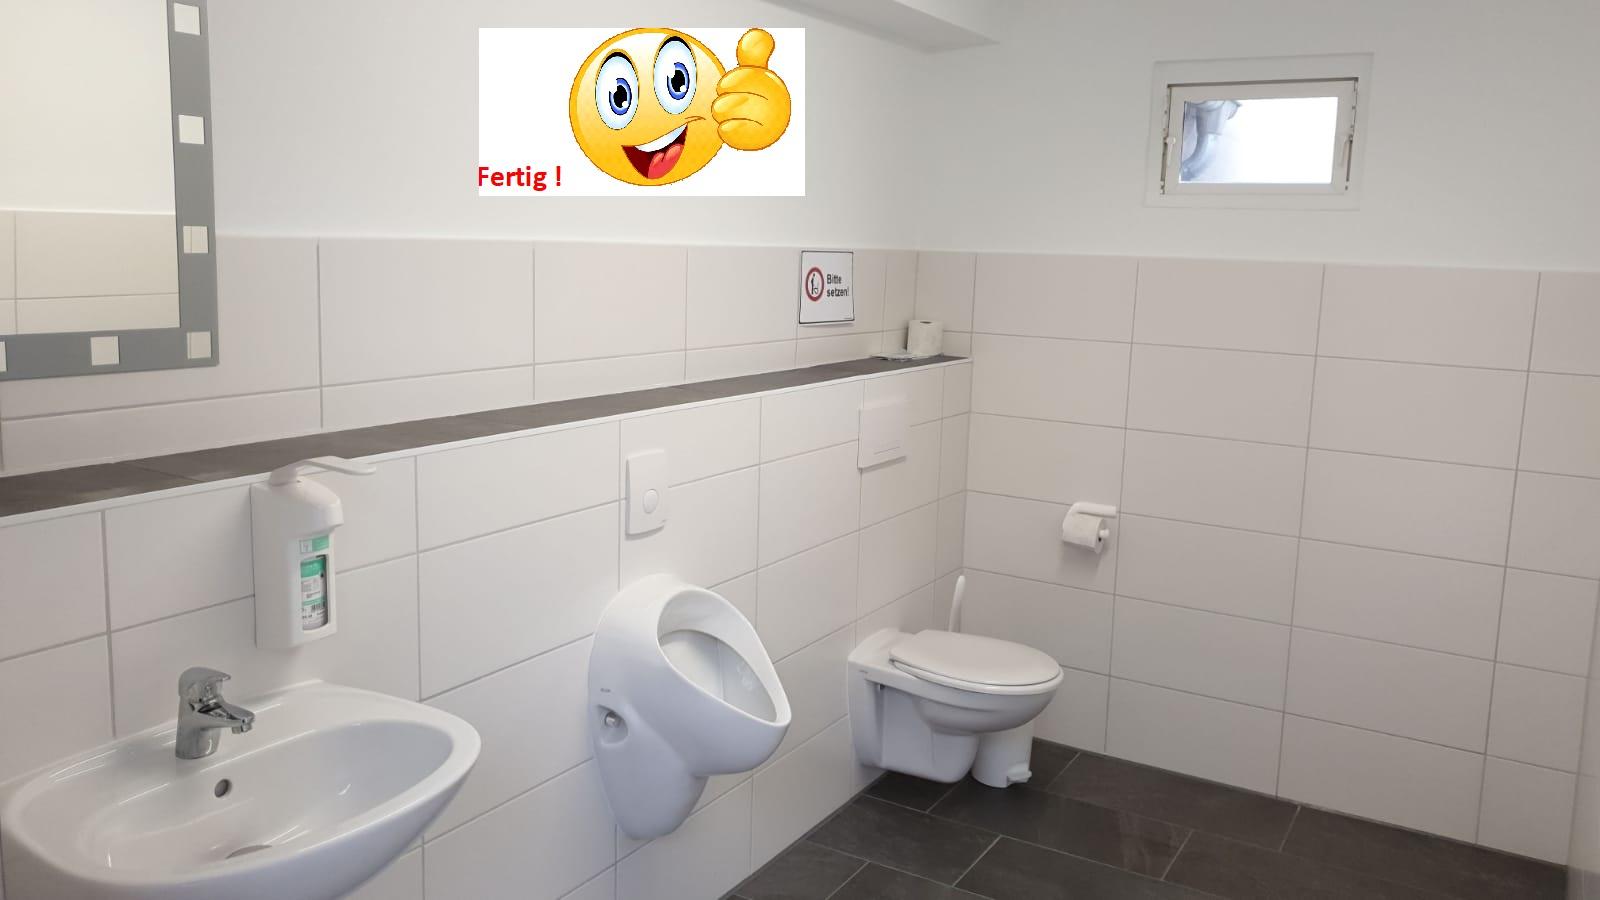 Toilette für Grillhütte - Webseite der Gartensiedlung ...